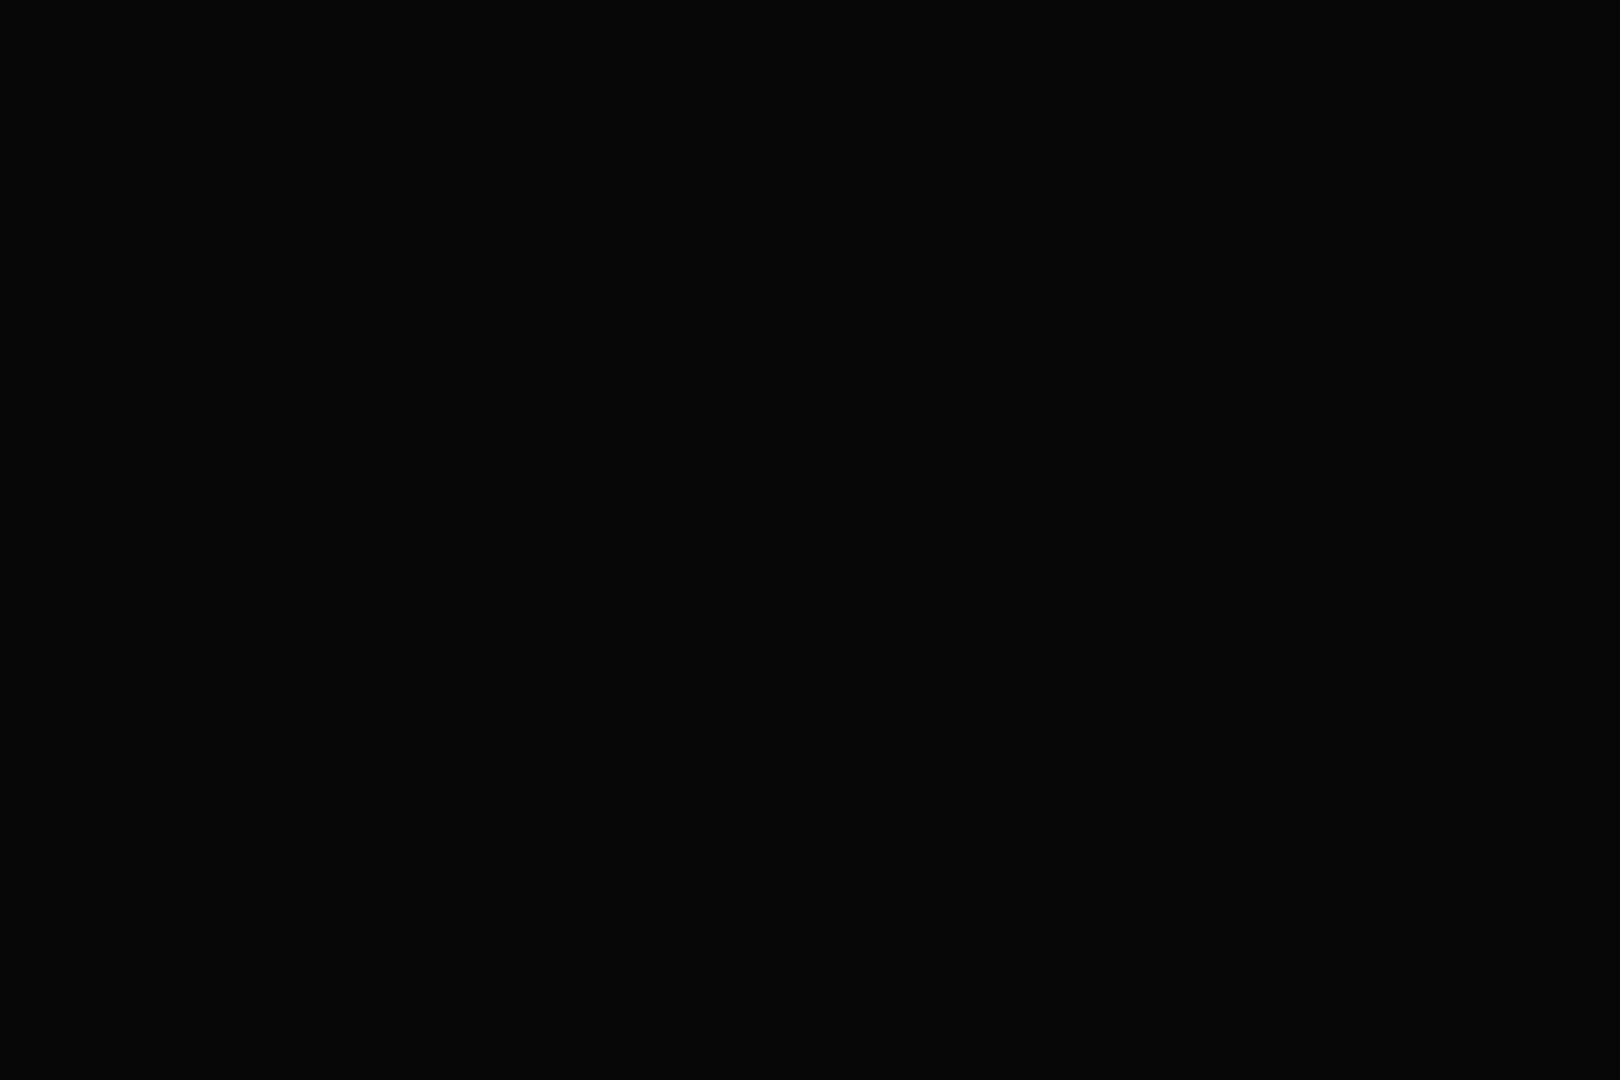 充血監督の深夜の運動会Vol.154 OL  99枚 79